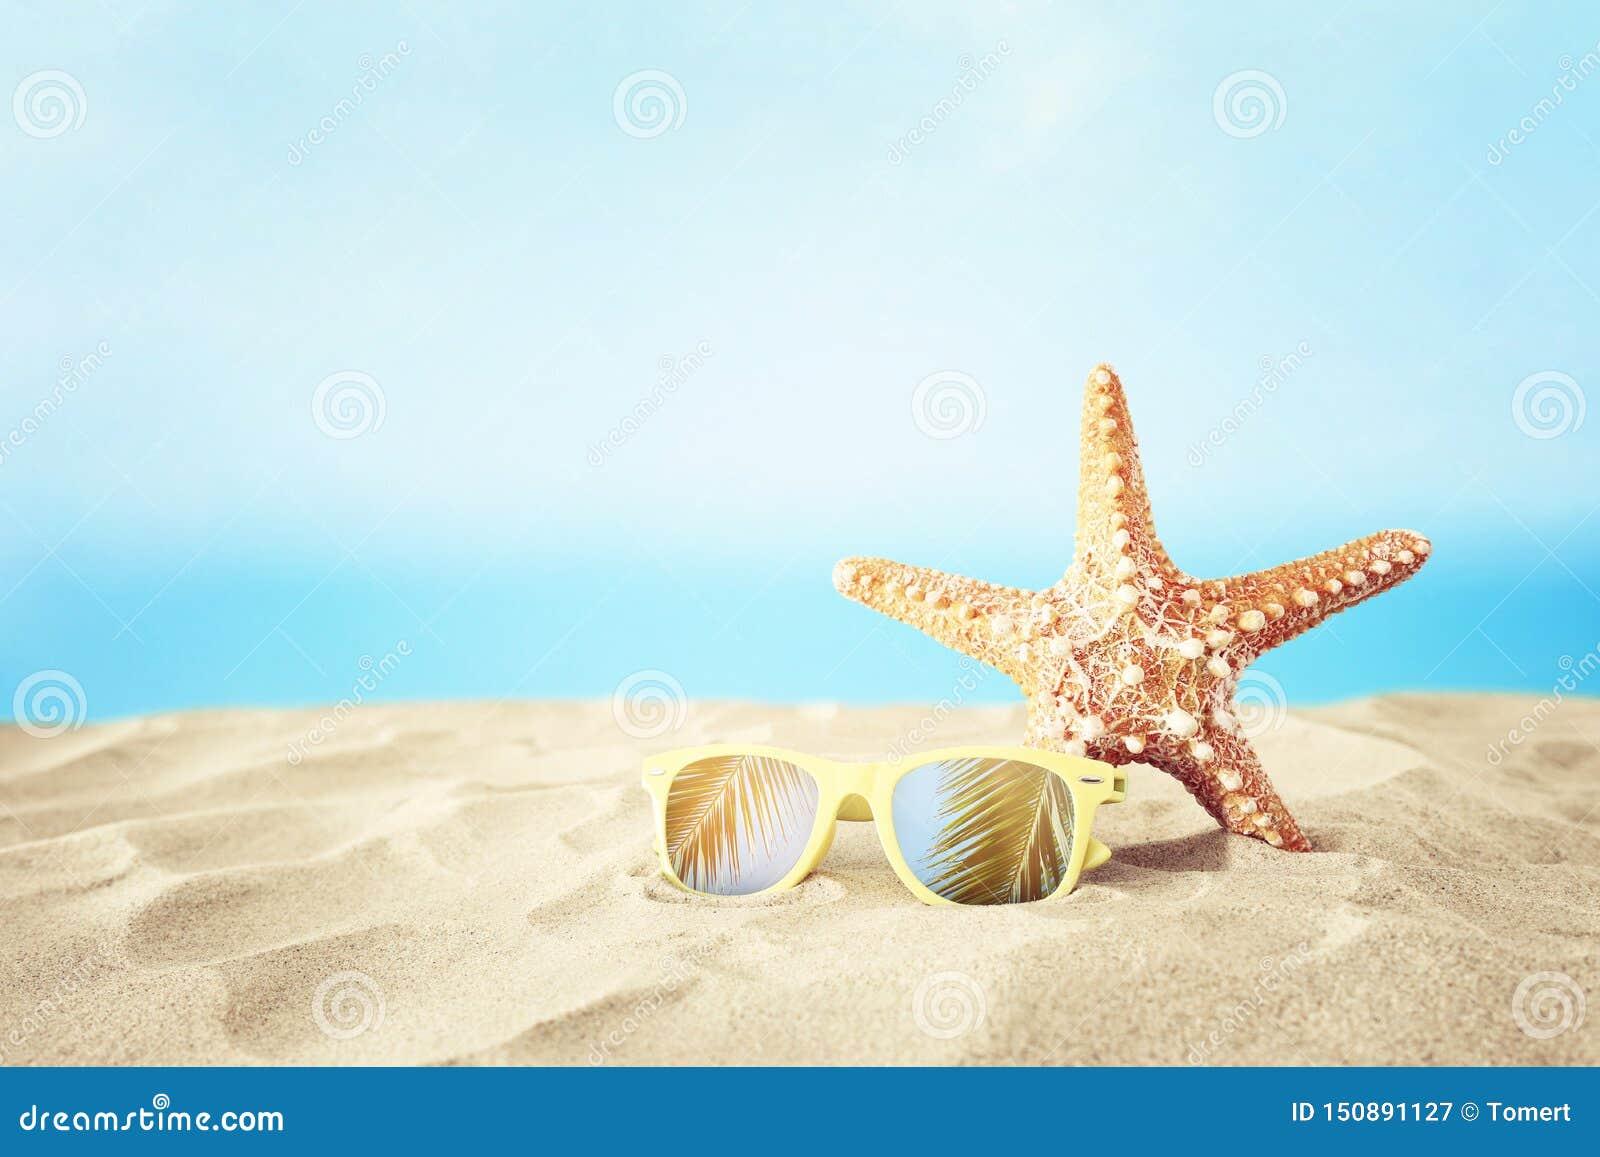 Wakacje piaska plaża, okulary przeciwsłoneczni i rozgwiazda przed lata dennym tłem z kopii przestrzenią,